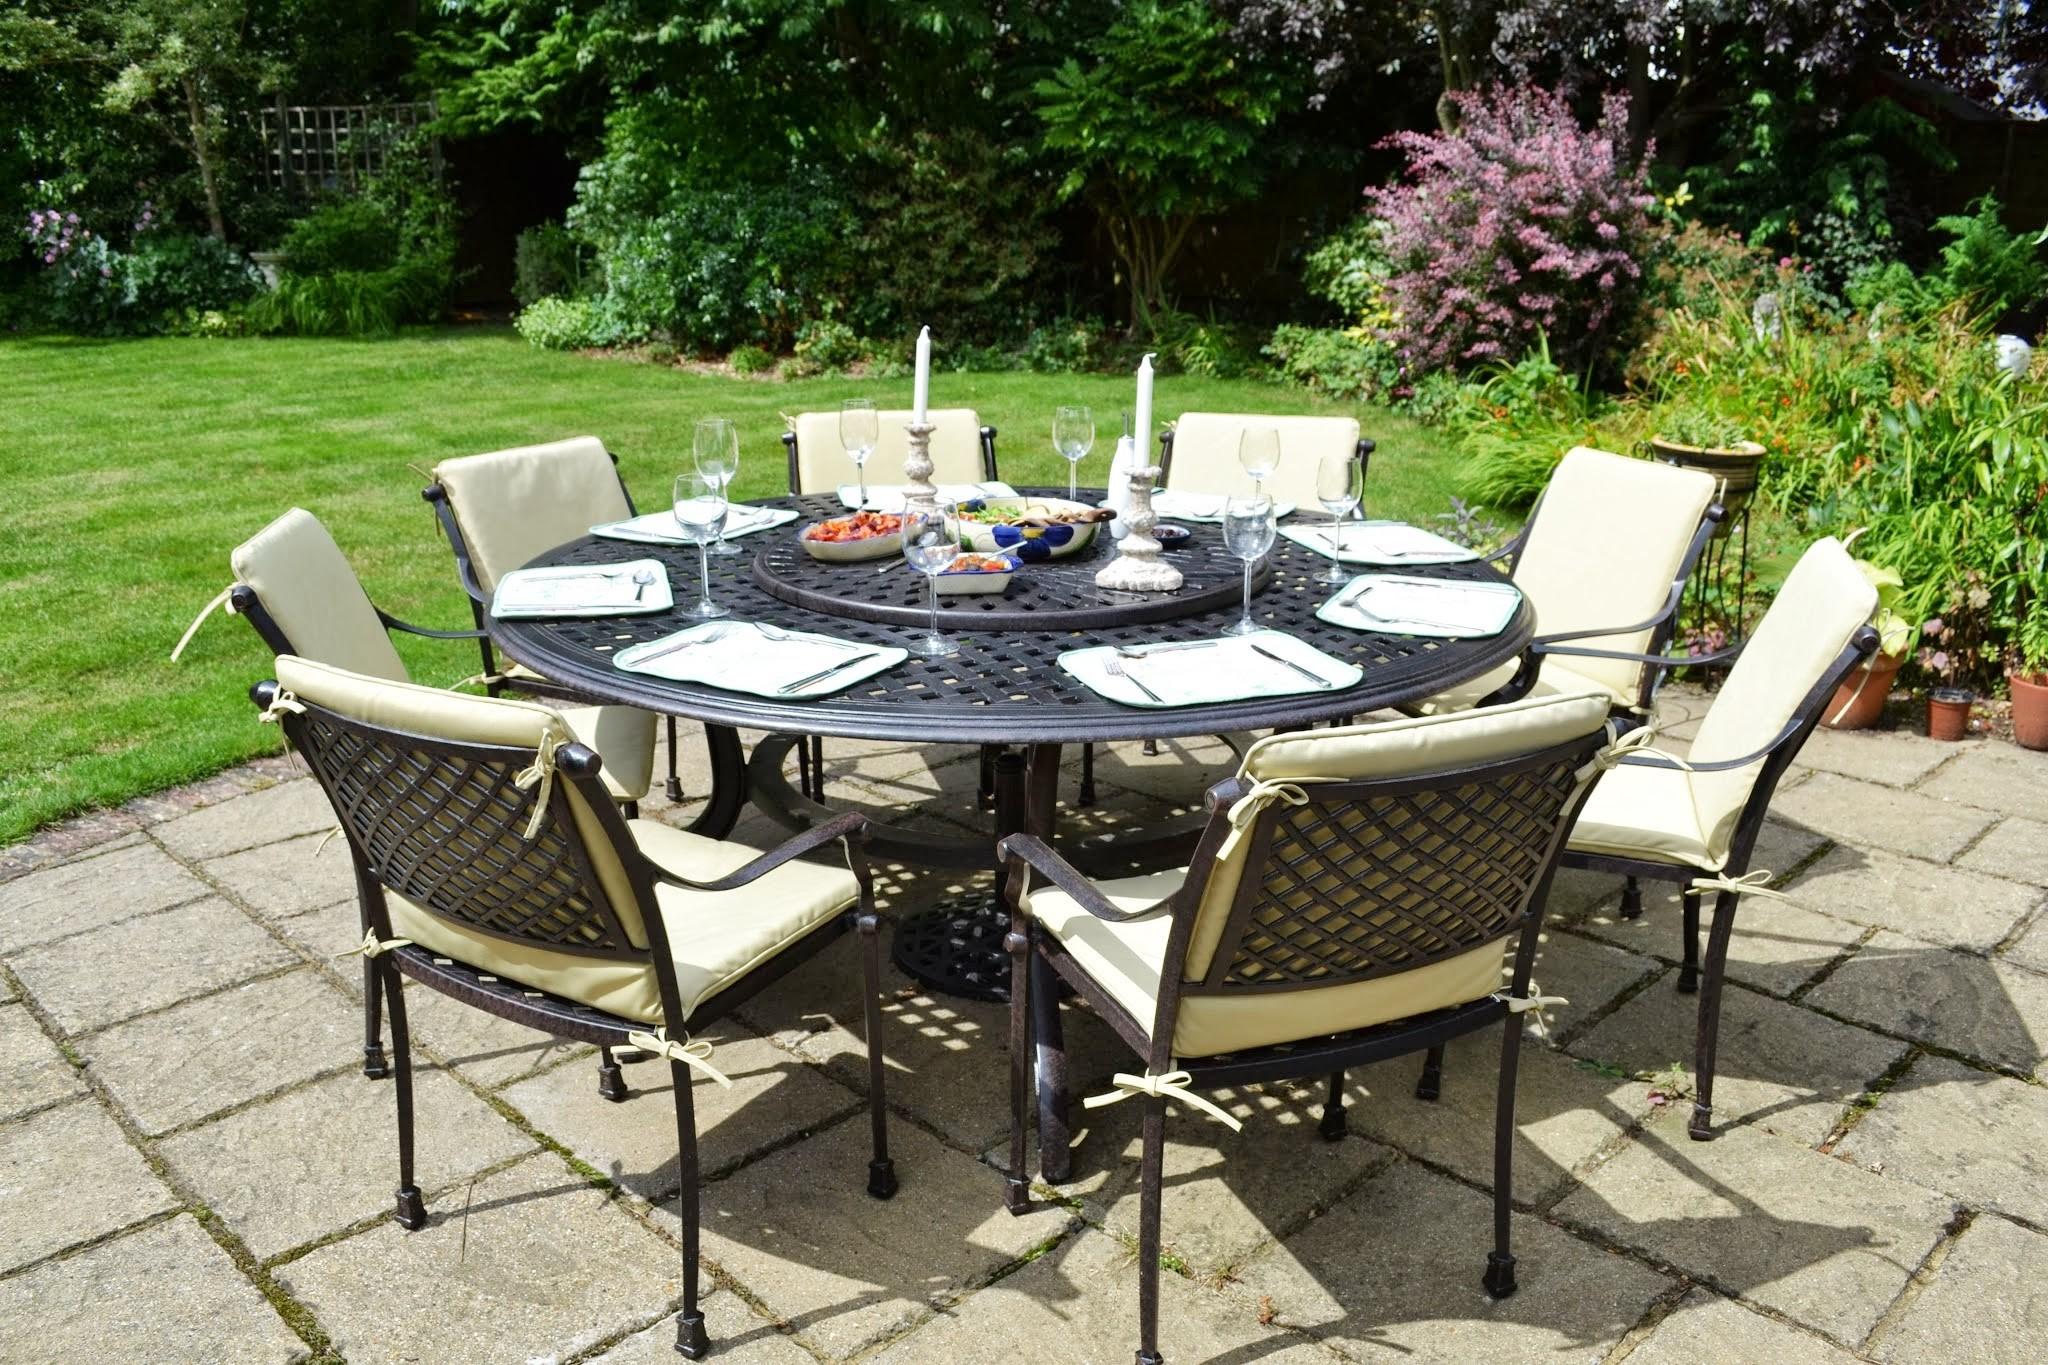 Table De Jardin Intermarche Meilleur De Image Salon De Jardin Intermarché Aussi Imposant Impressionné Table De